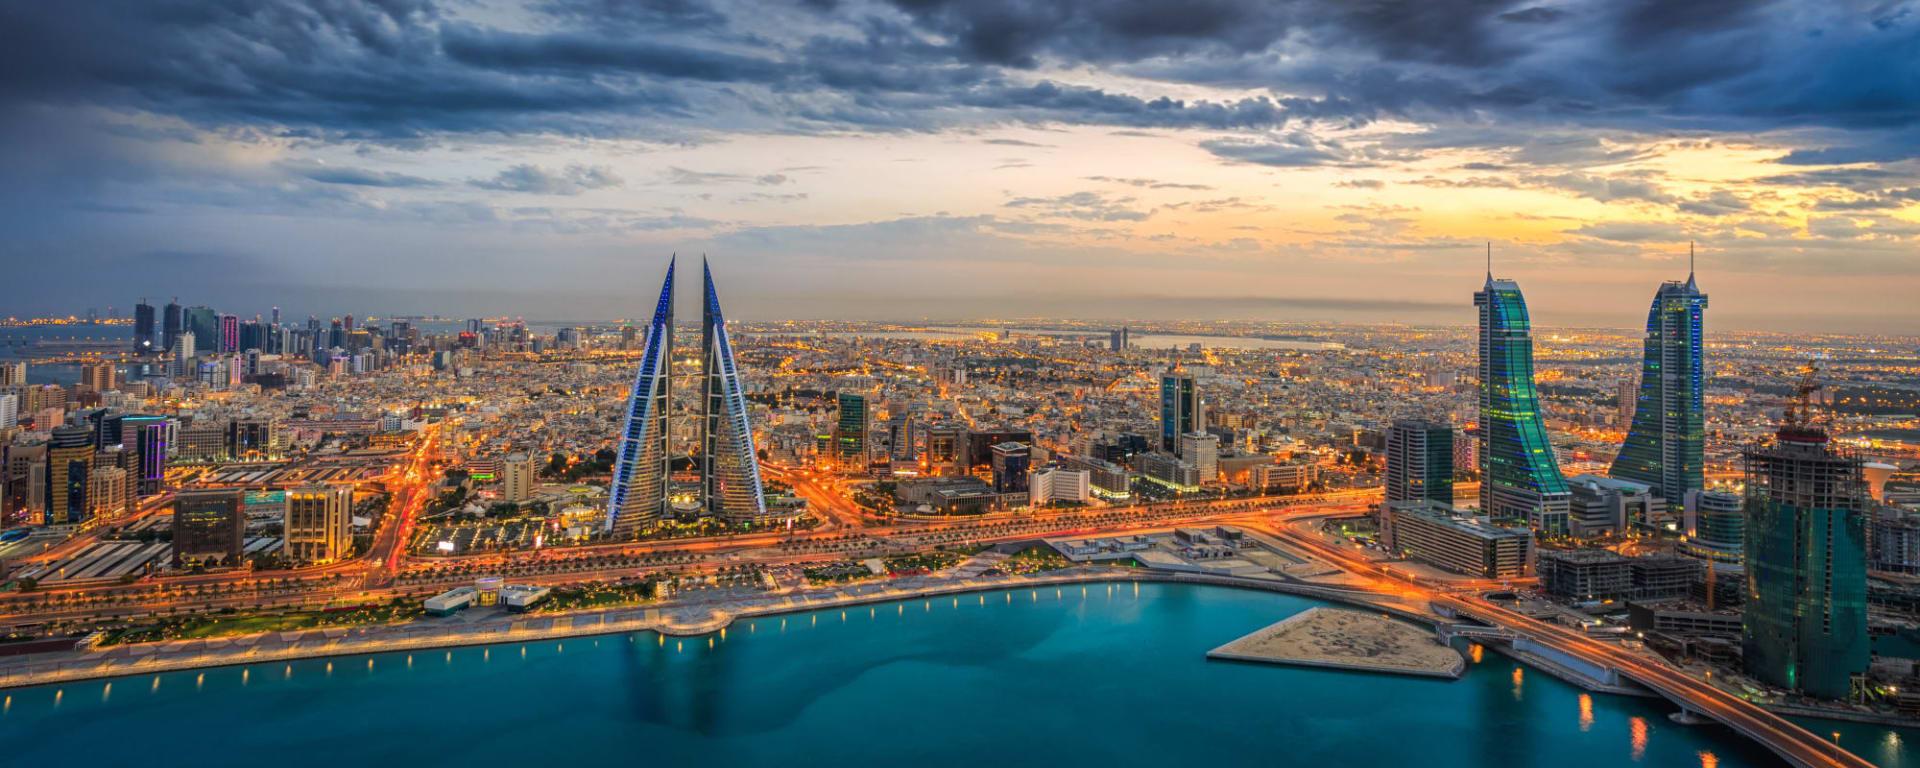 Bahrain entdecken mit Tischler Reisen: Bahrain Manama Sonnenuntergang